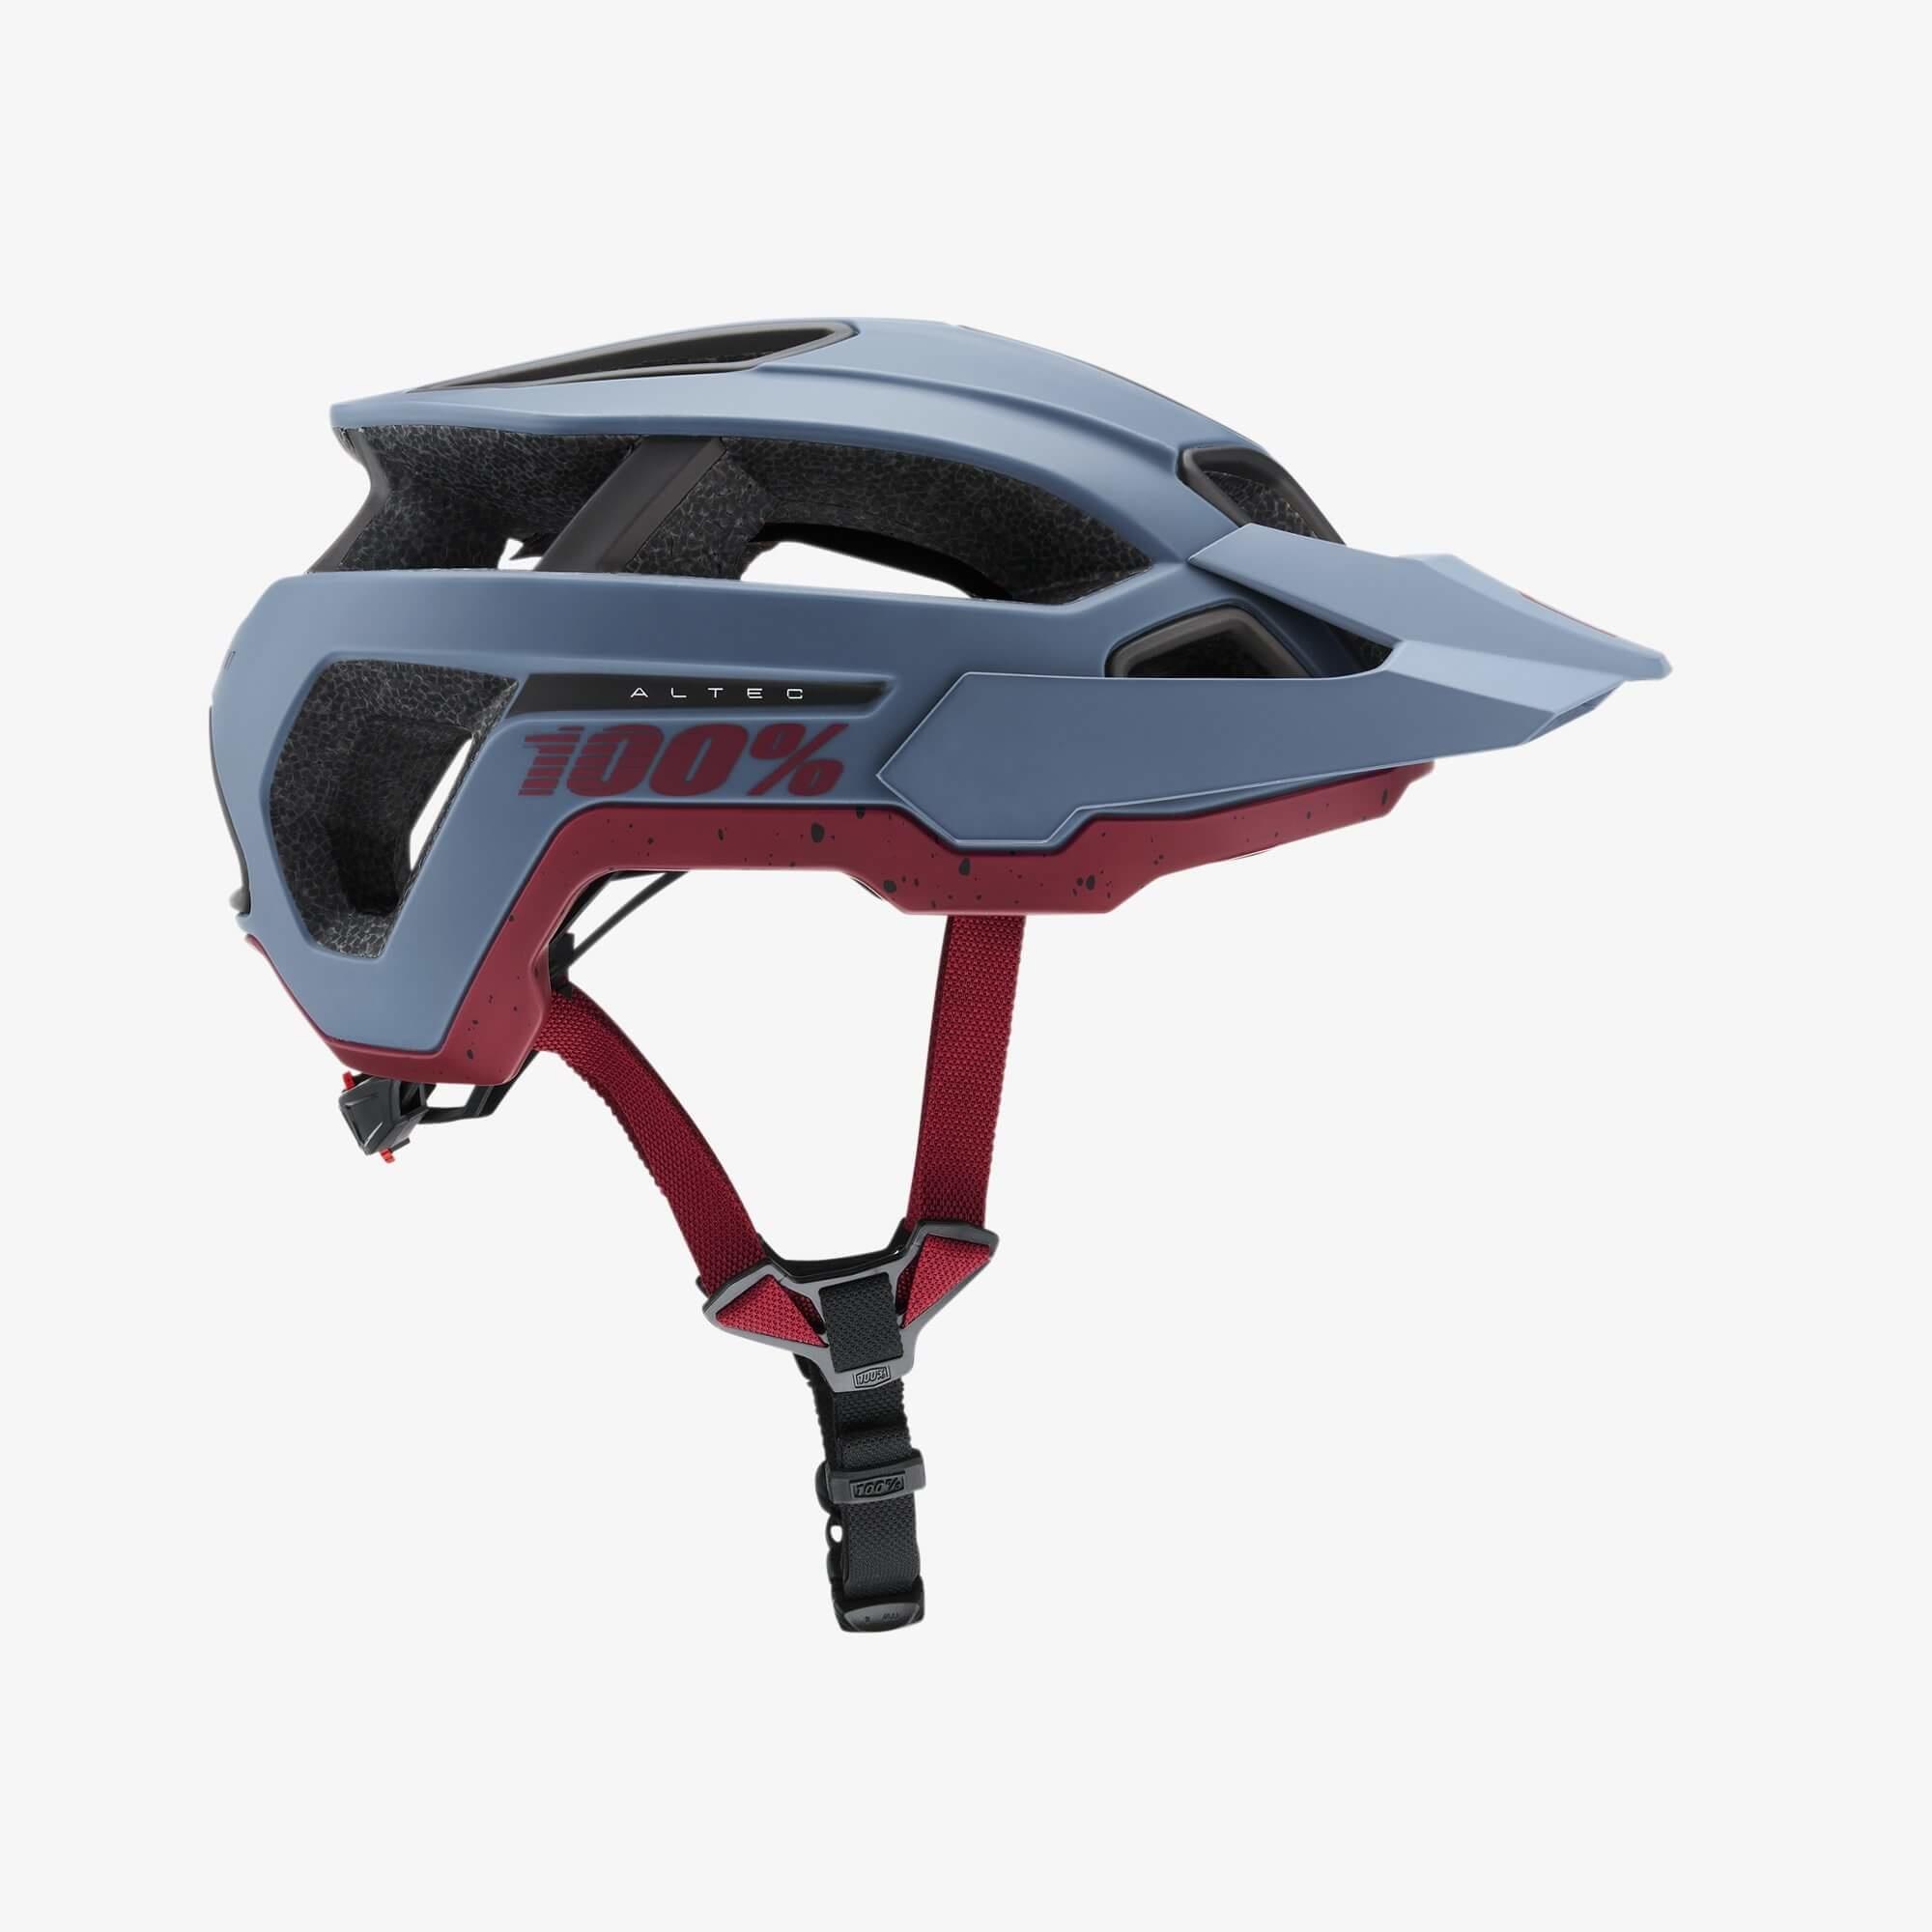 Altec Helmet-7